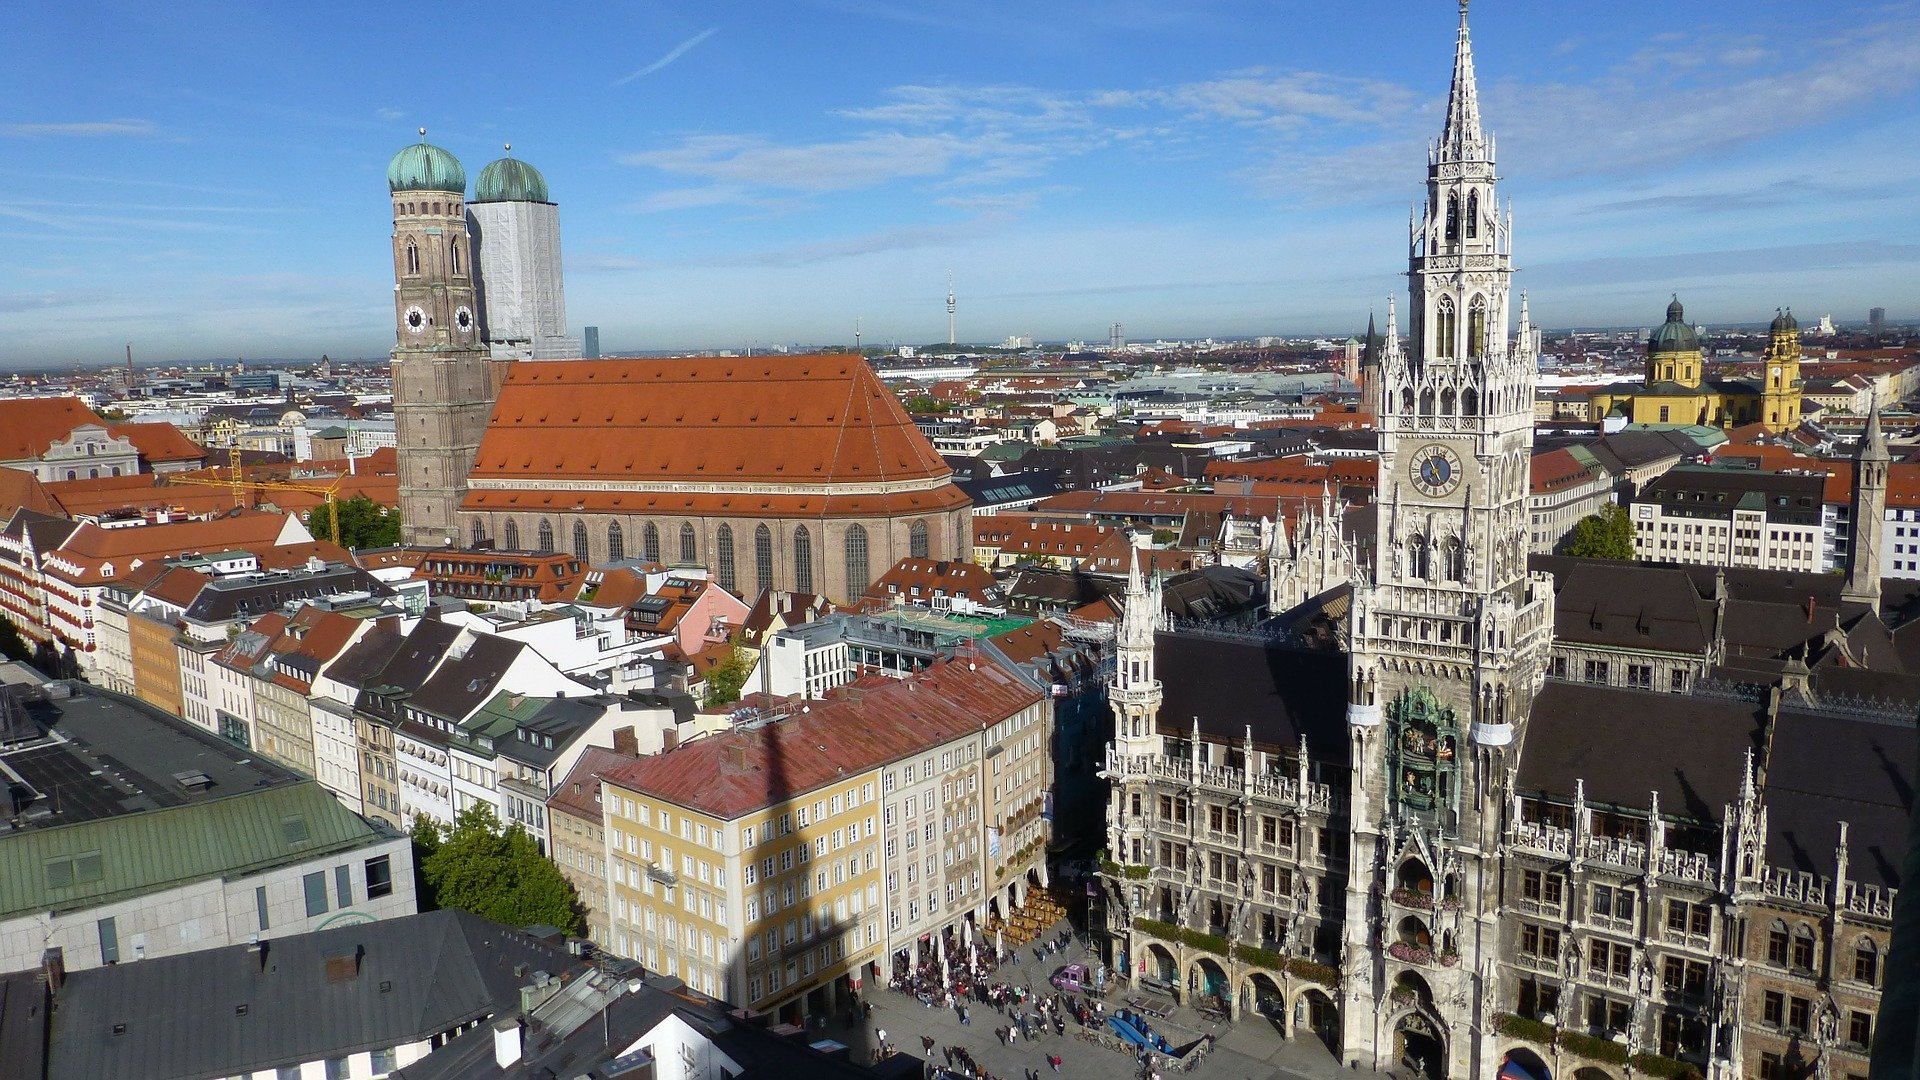 Bayern verzeichnet im ersten Halbjahr 2021 wieder steigende Einwohnerzahlen